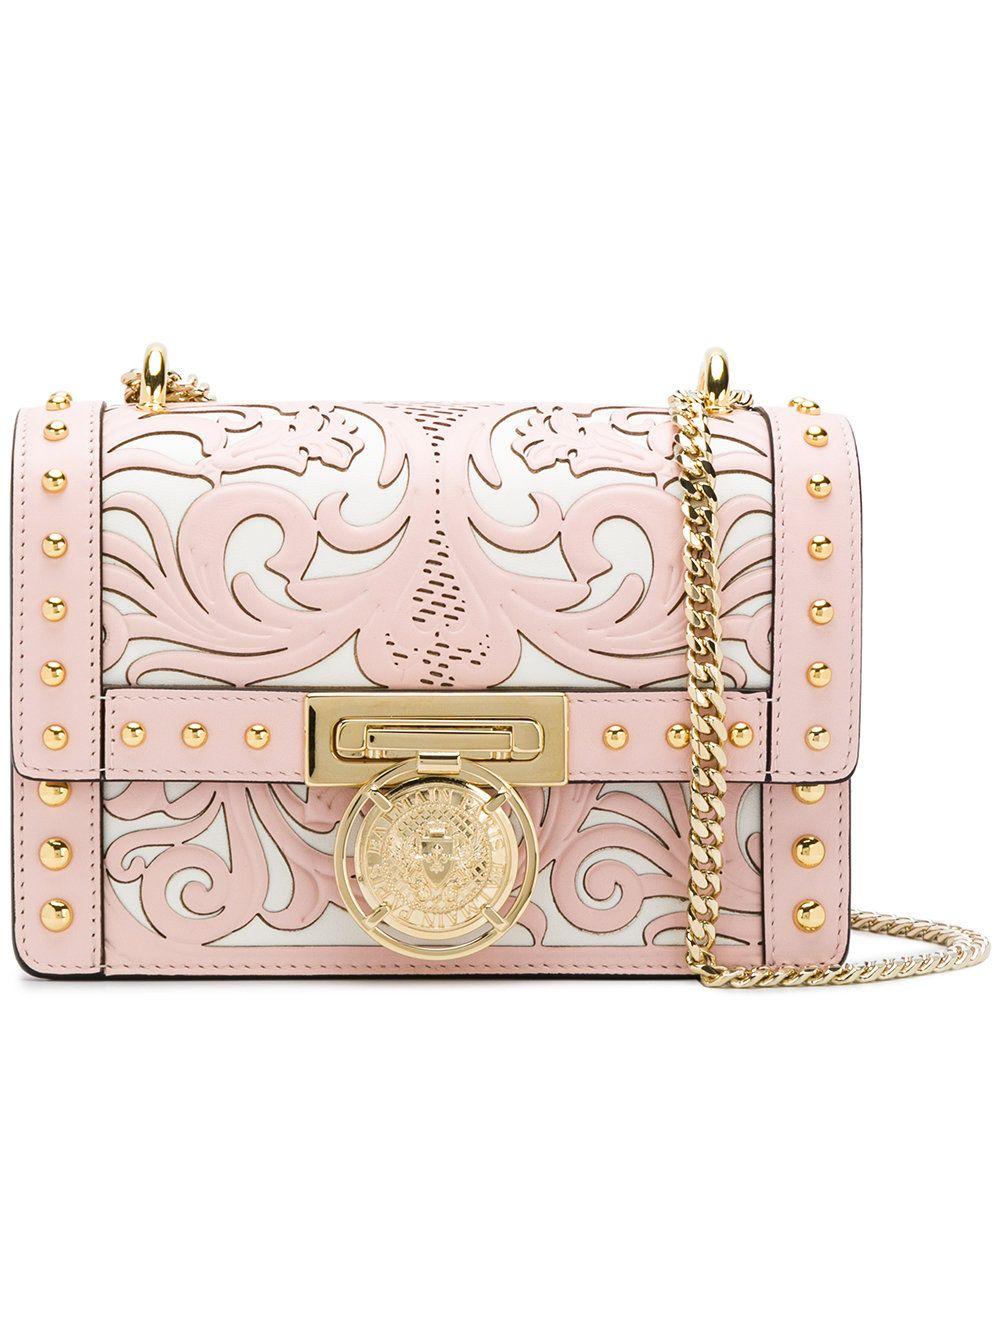 24c082fcc05 Balmain Renaissance 20 shoulder bag Balmain Collection, Pink Leather,  Leather Bag, Paris T